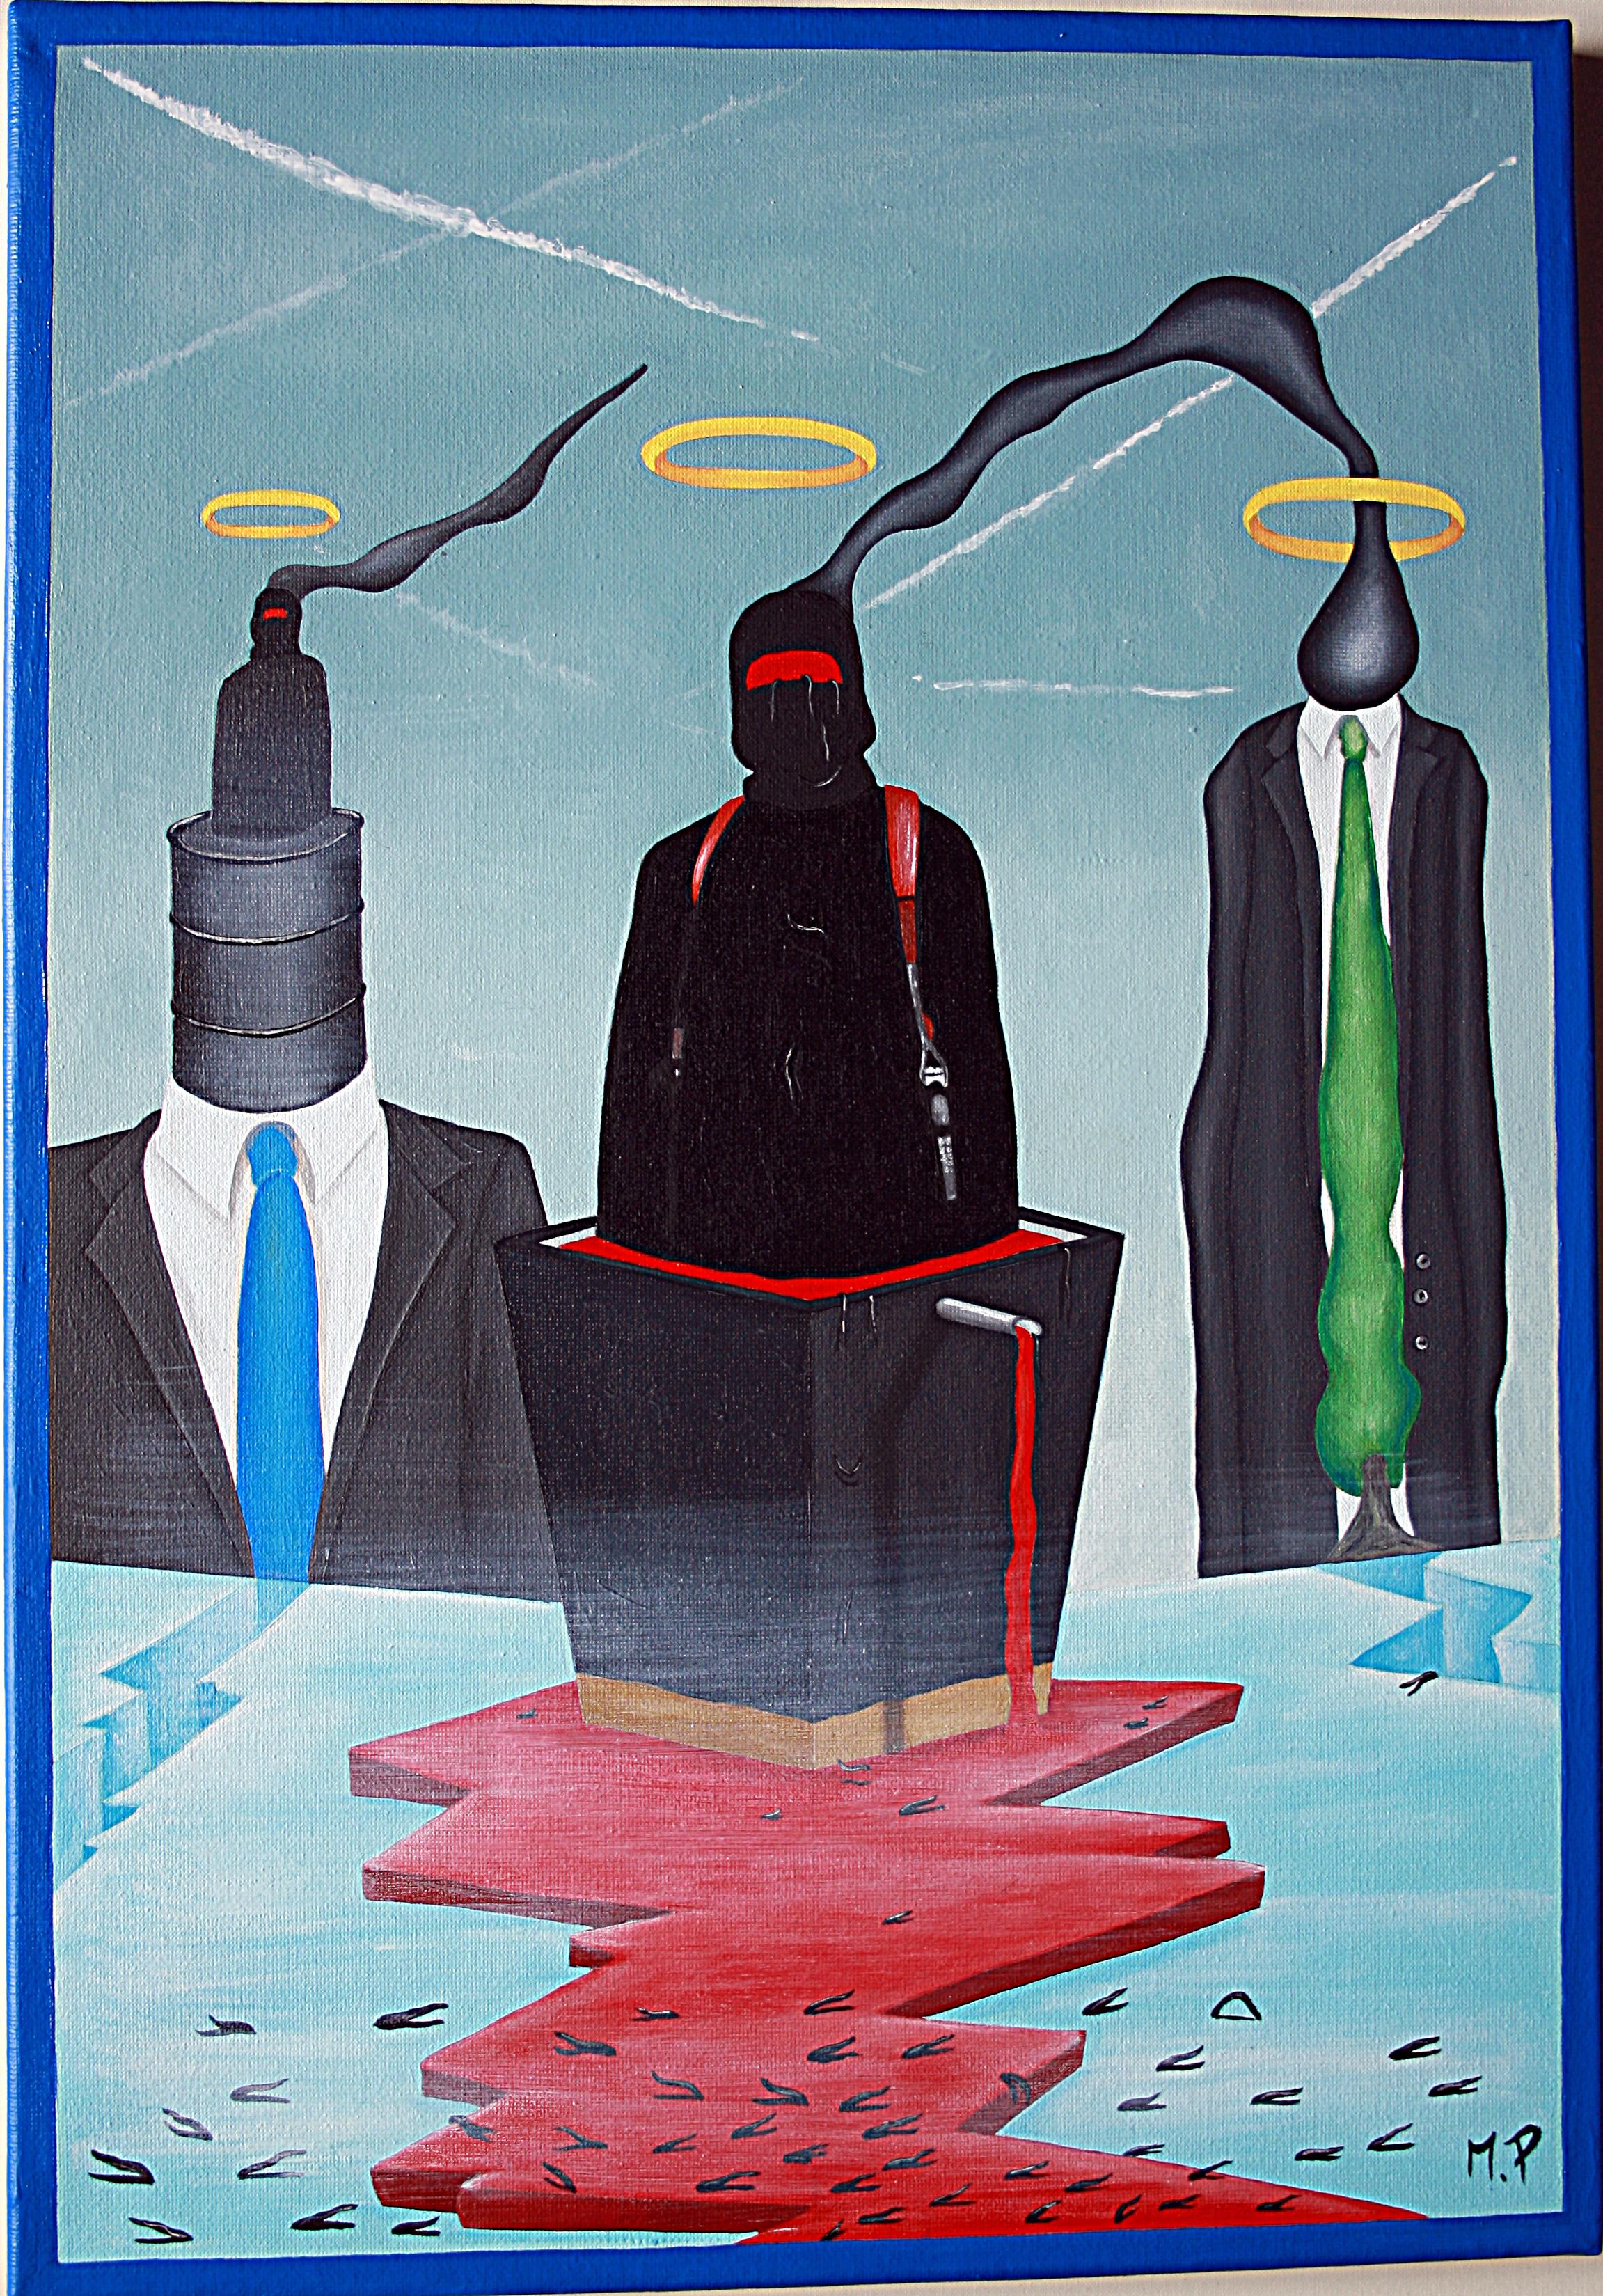 Complicità rivali (complicity rivals), 2016 olio su tela (oil painting on canvas), cm 35x50, Pasquale Mastrogiacomo, Acerno (SA).